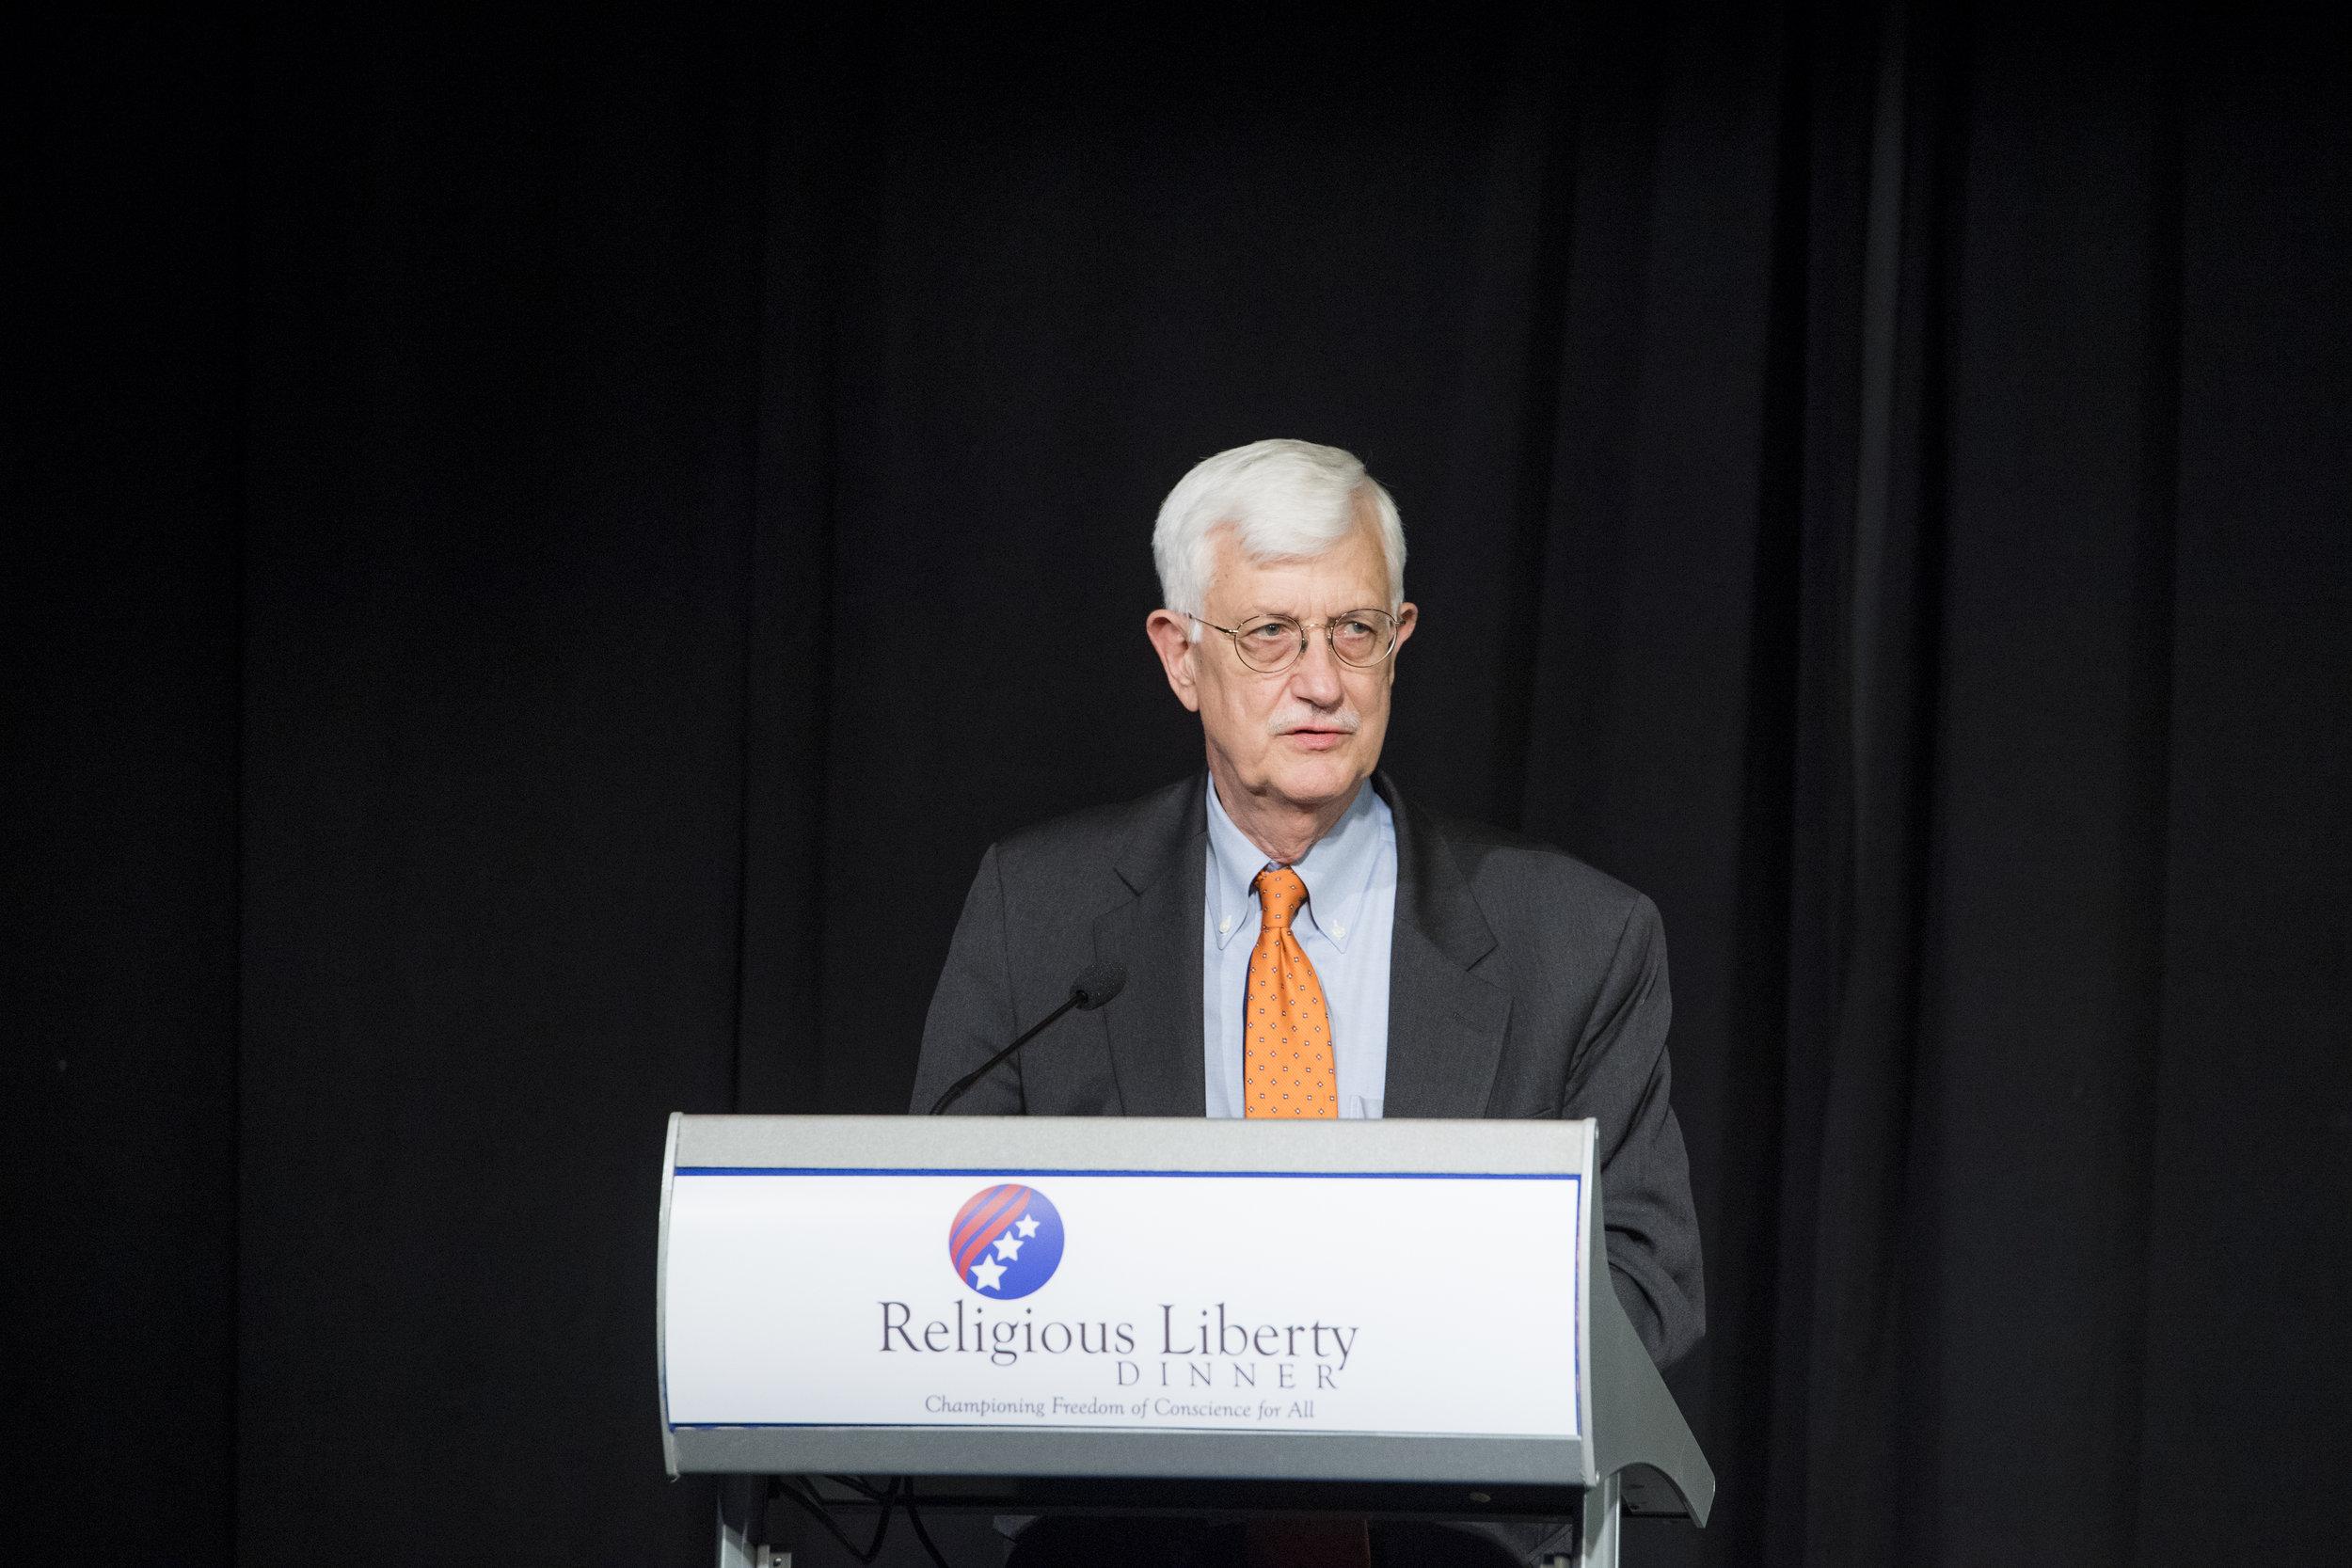 Dr. Thomas F. Farr